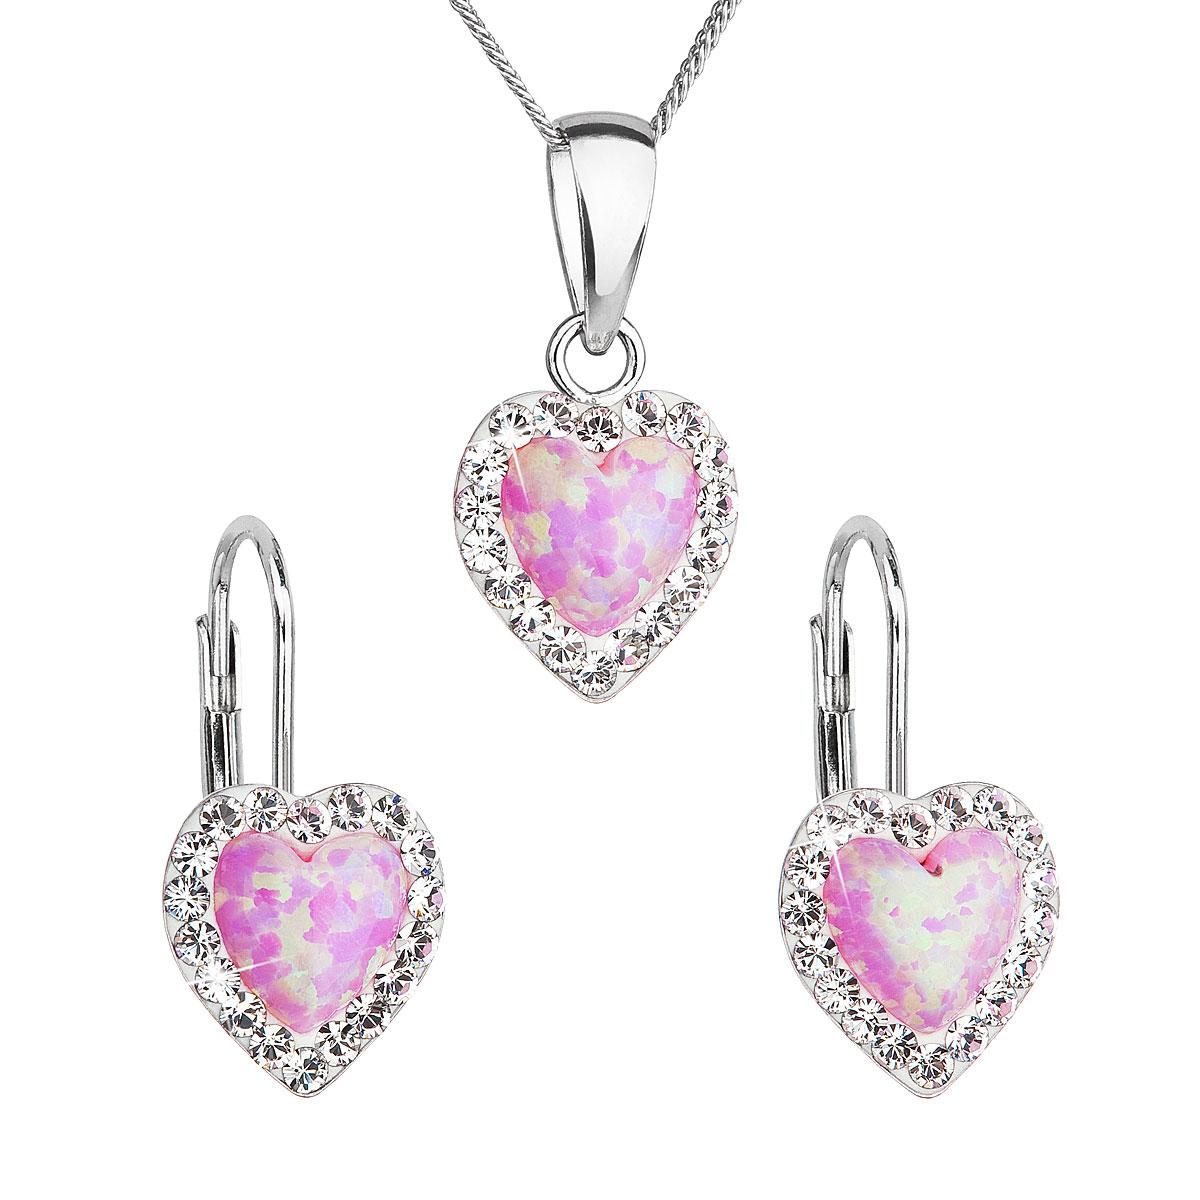 Sada šperků se syntetickým opálem a krystaly Swarovski náušnice a přívěšek světle růžové srdce 39161.1